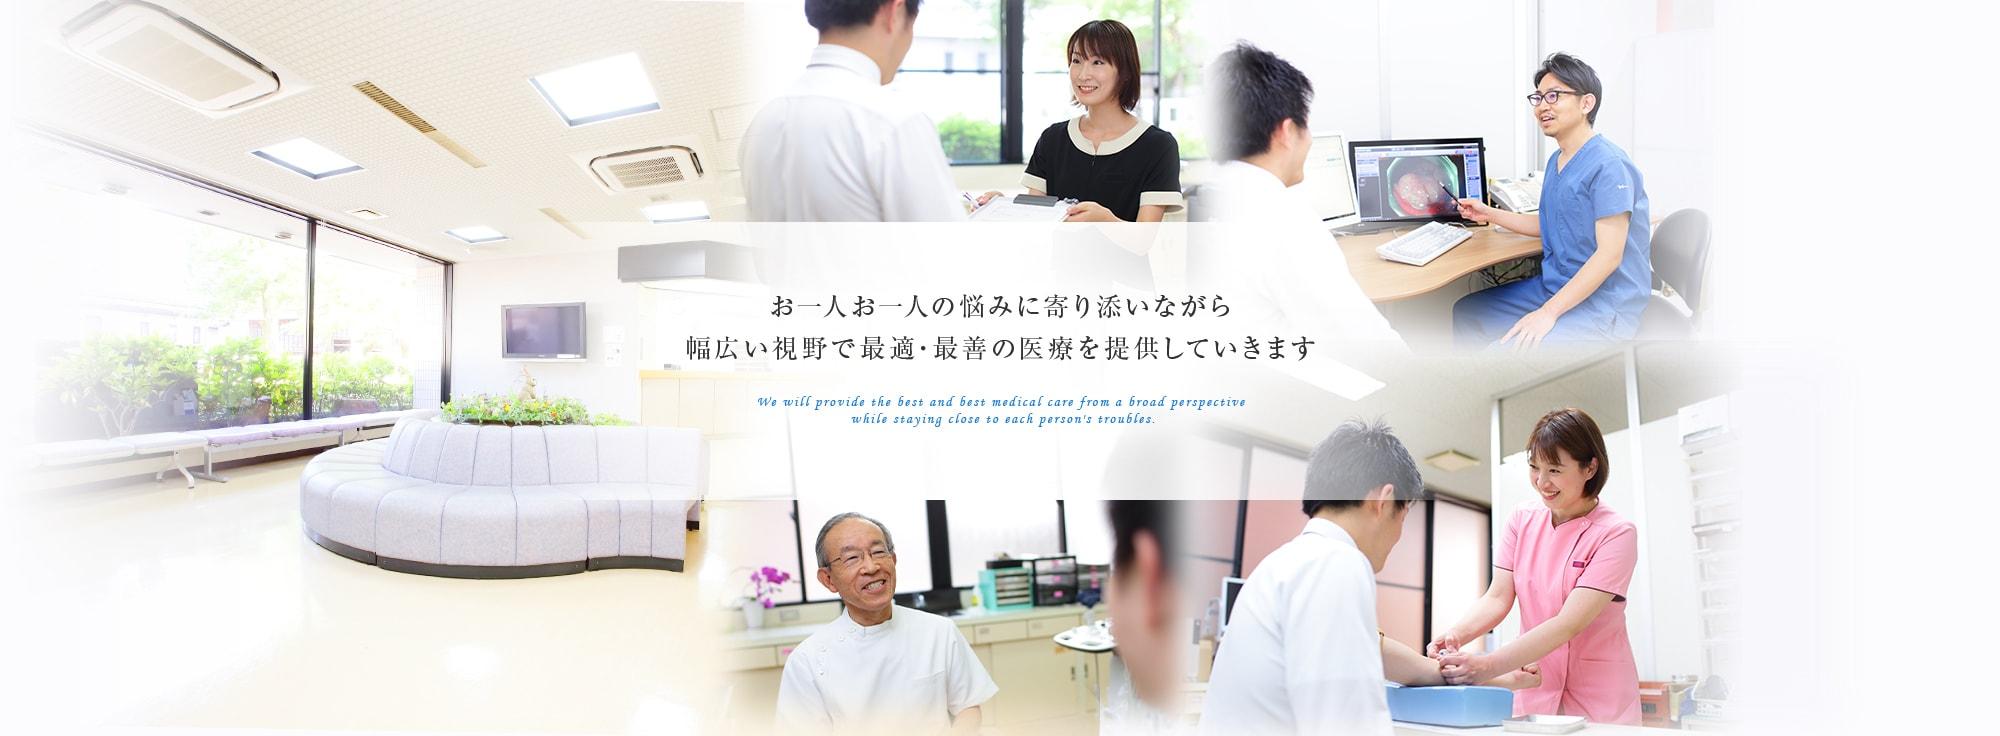 お一人お一人の悩みに寄り添いながら幅広い視野で最適・最善の医療を提供していきます